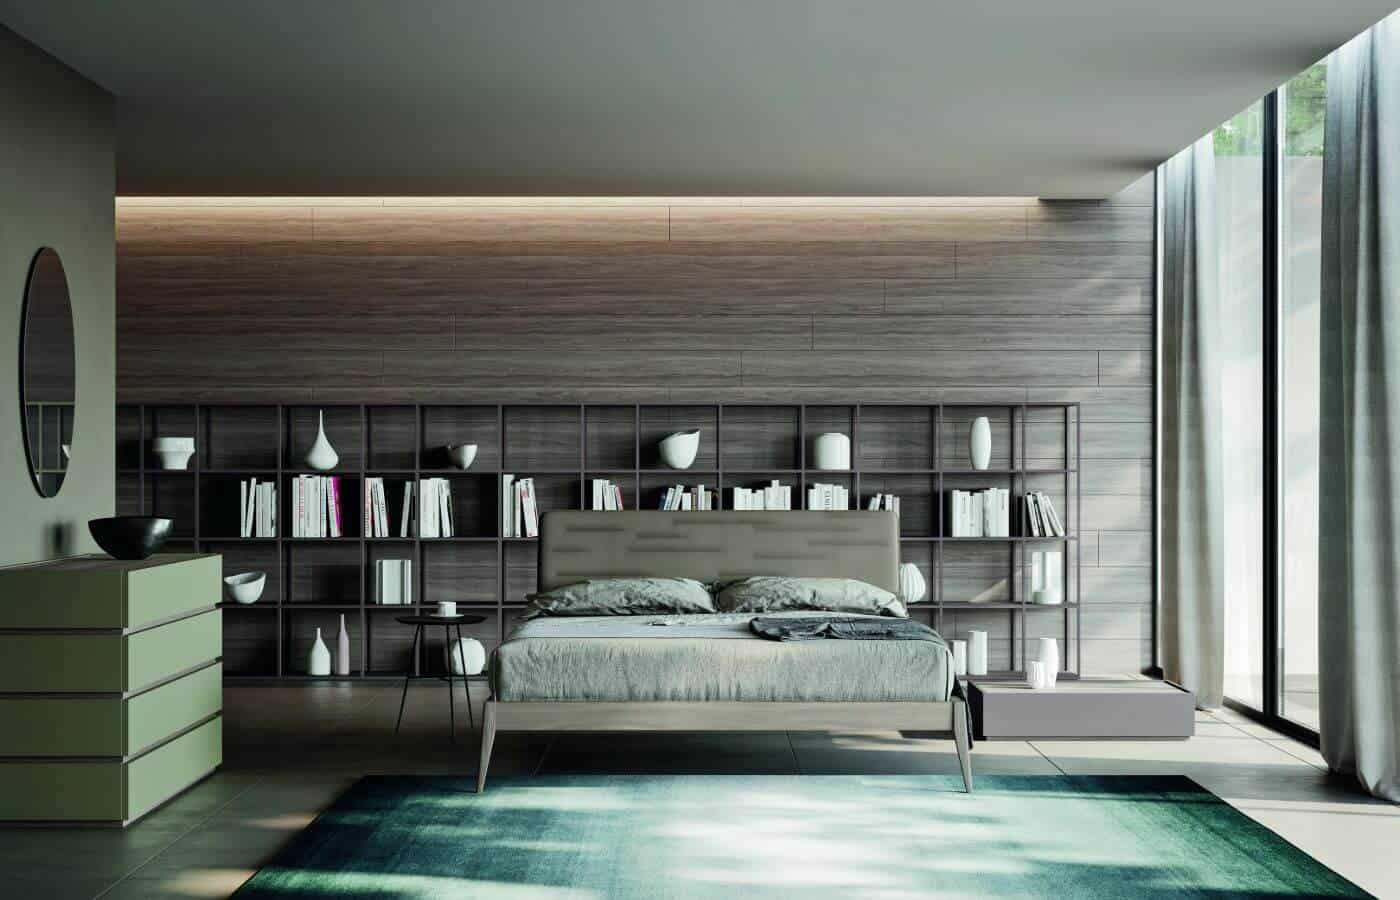 zona-notte-gruppo-letto-collezione-pechino-il-mobile (3)